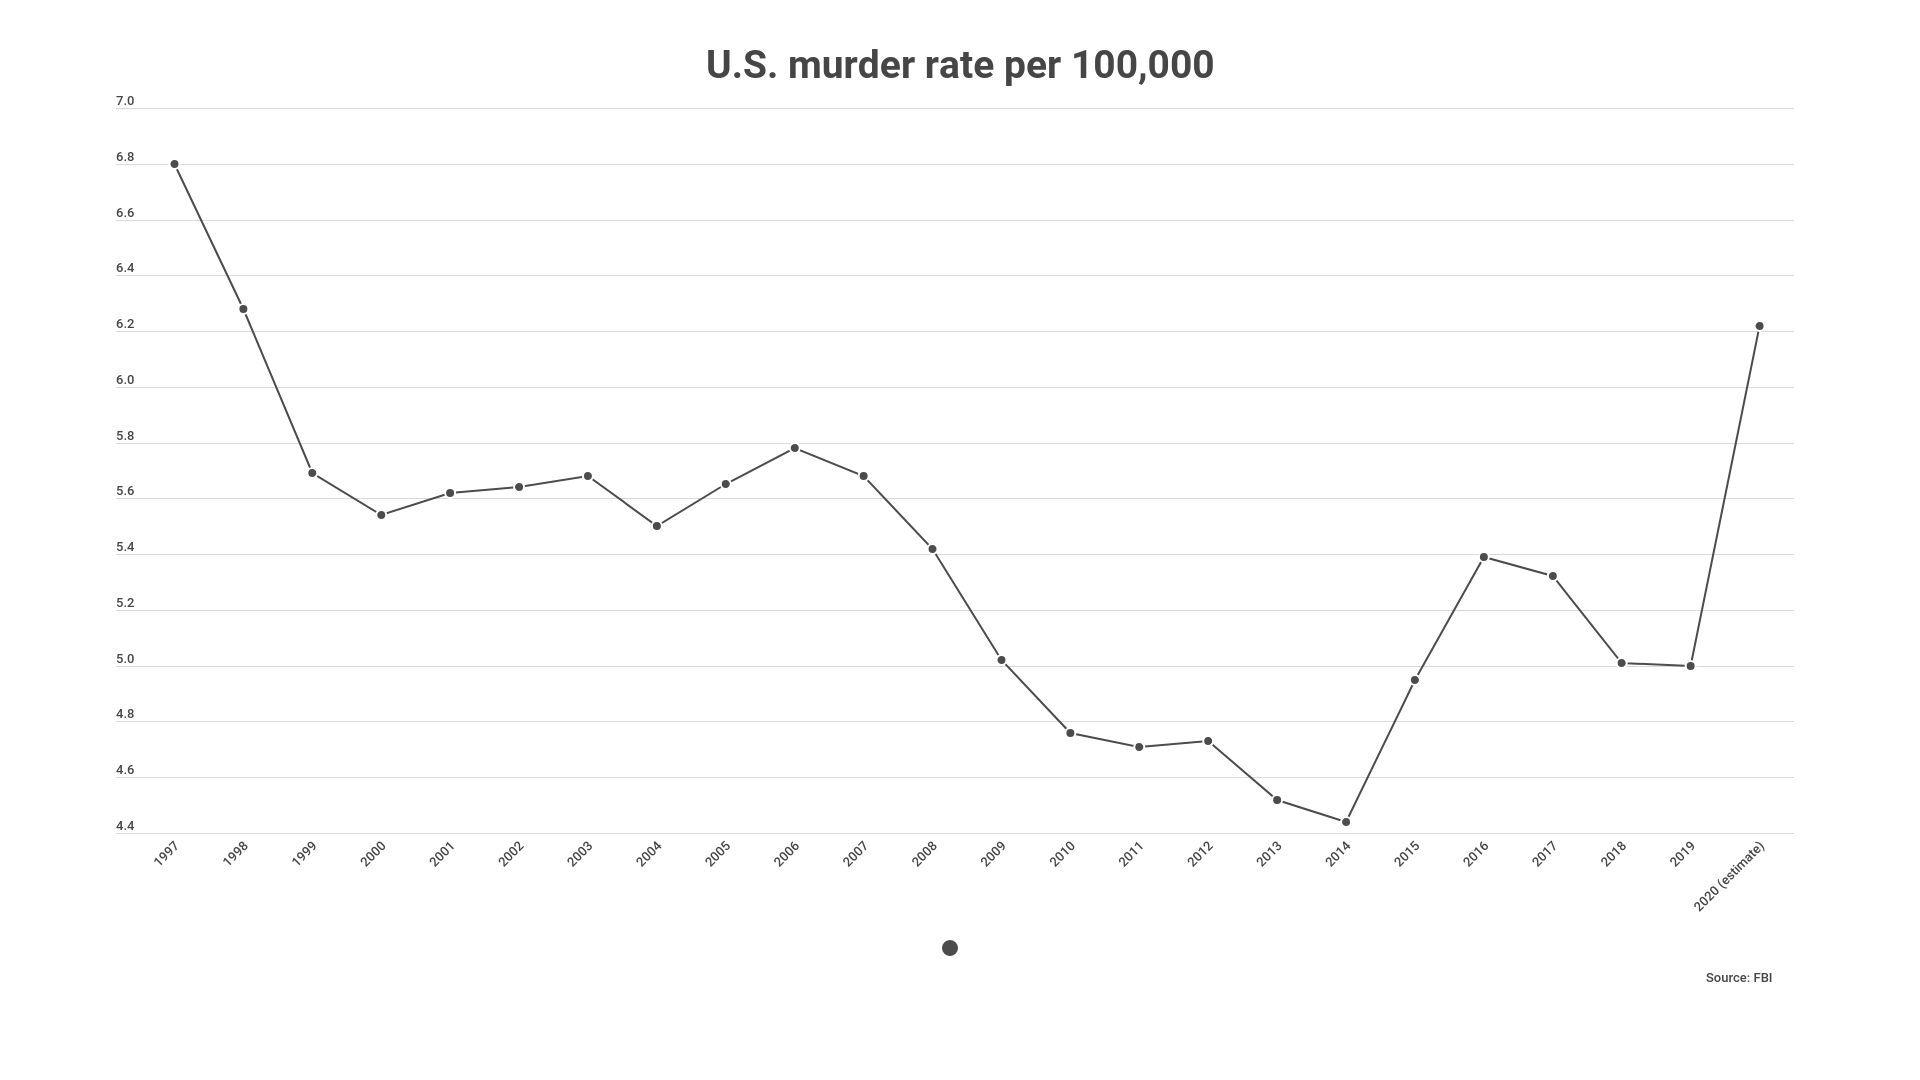 US murder rate per 100000 via FBI line graph